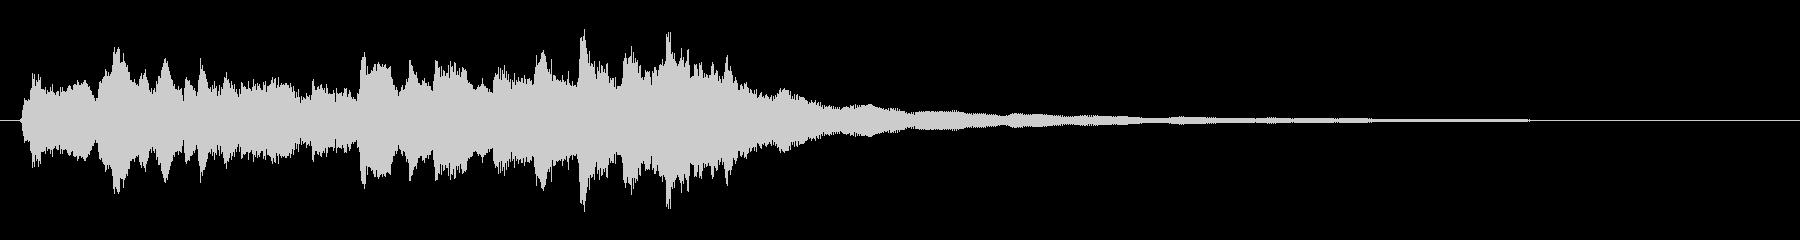 エレクトリックギター、フランジャー...の未再生の波形